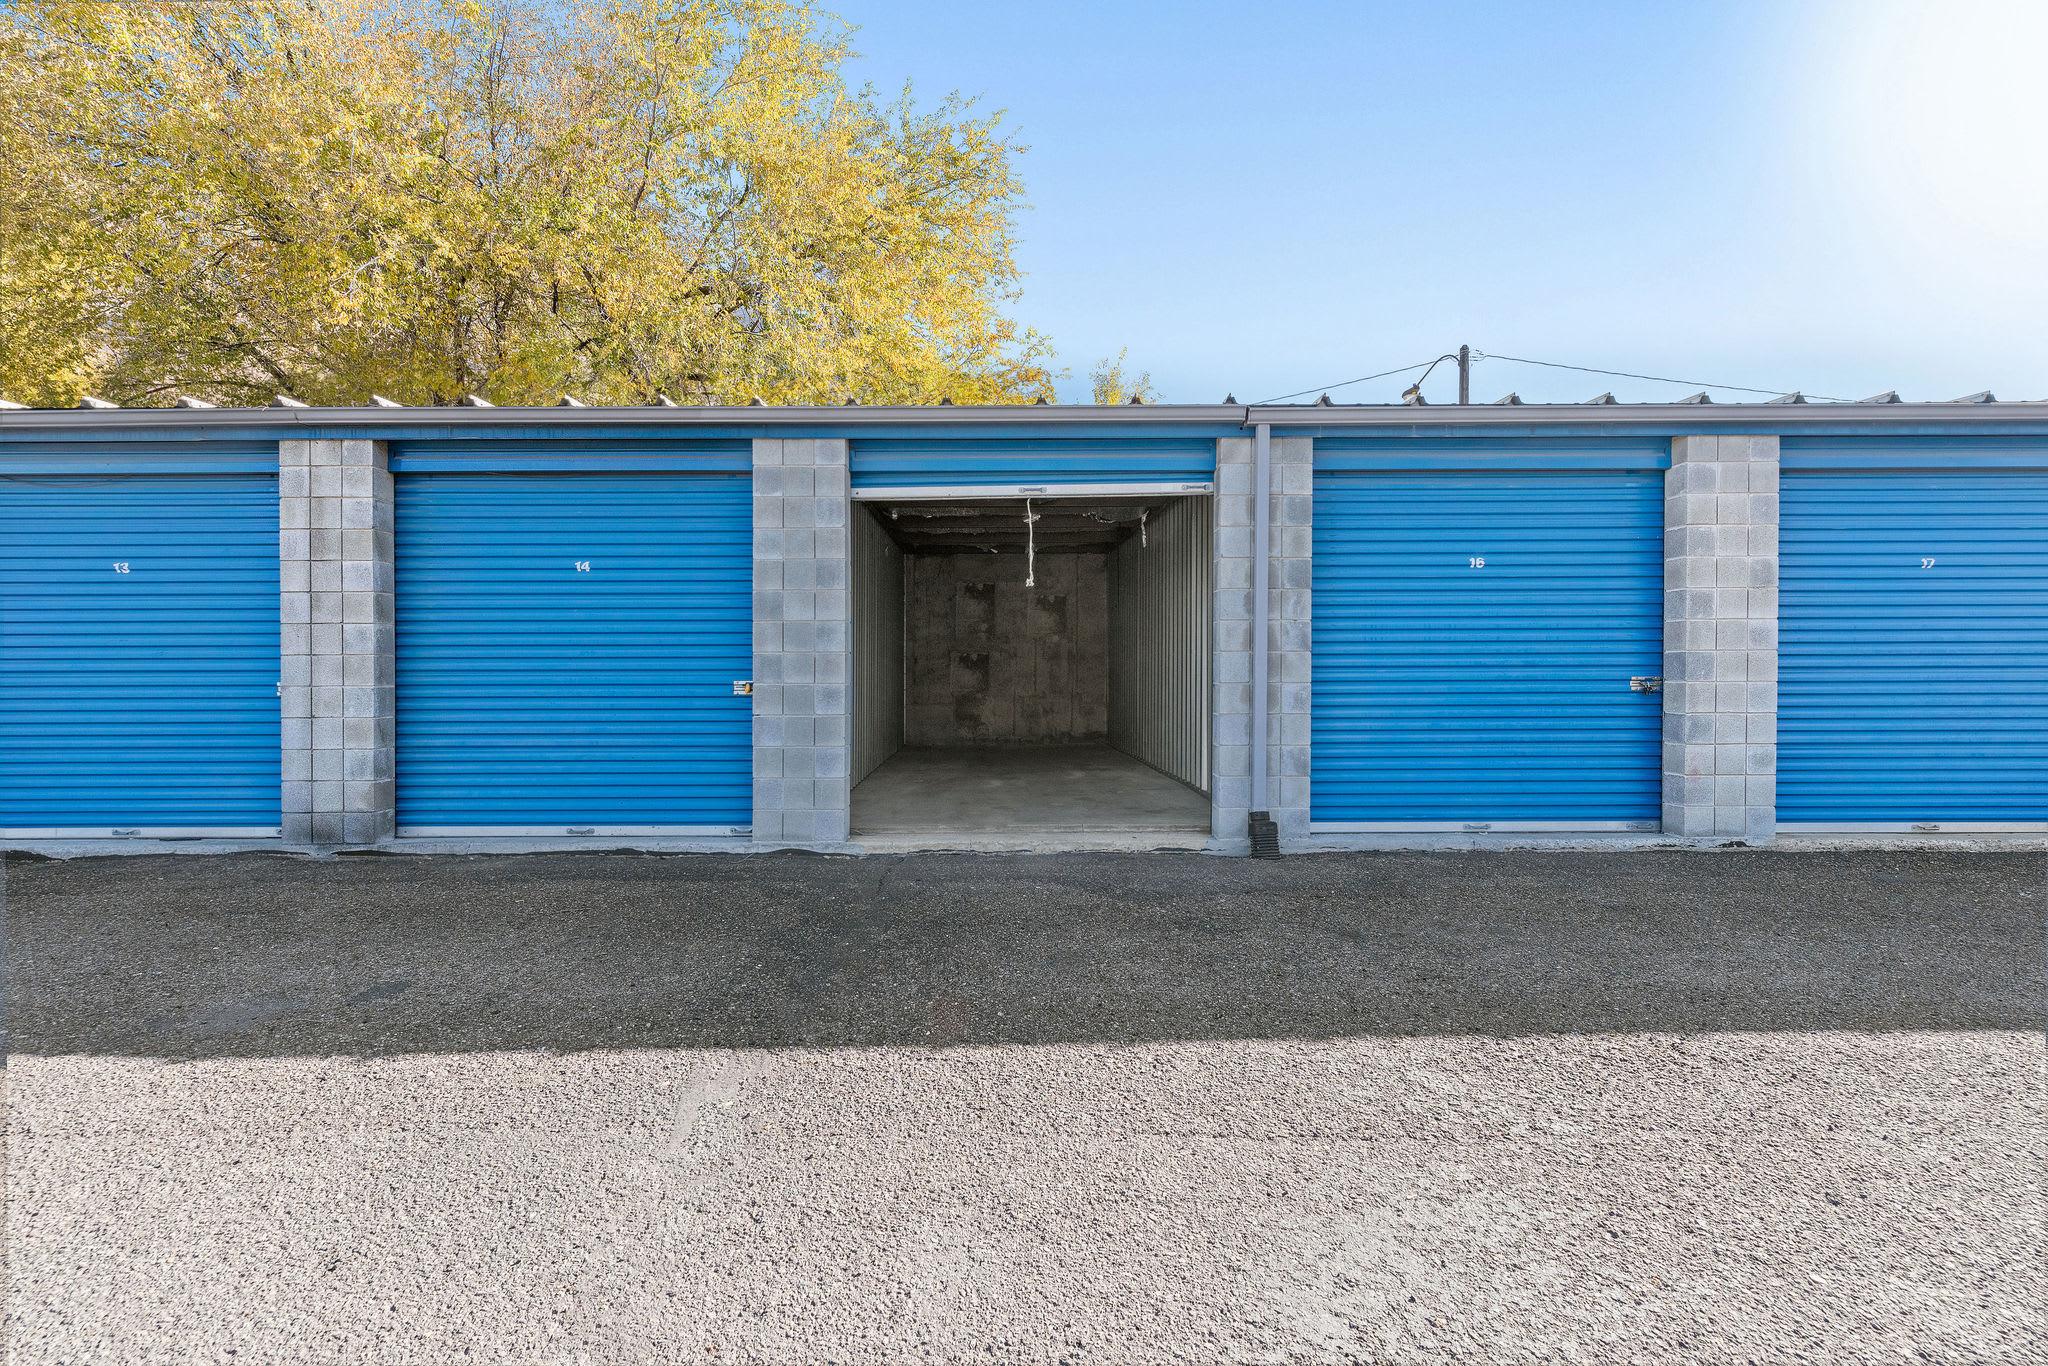 Blue doors on storage units at Stor'em Self Storage in Springville, Utah